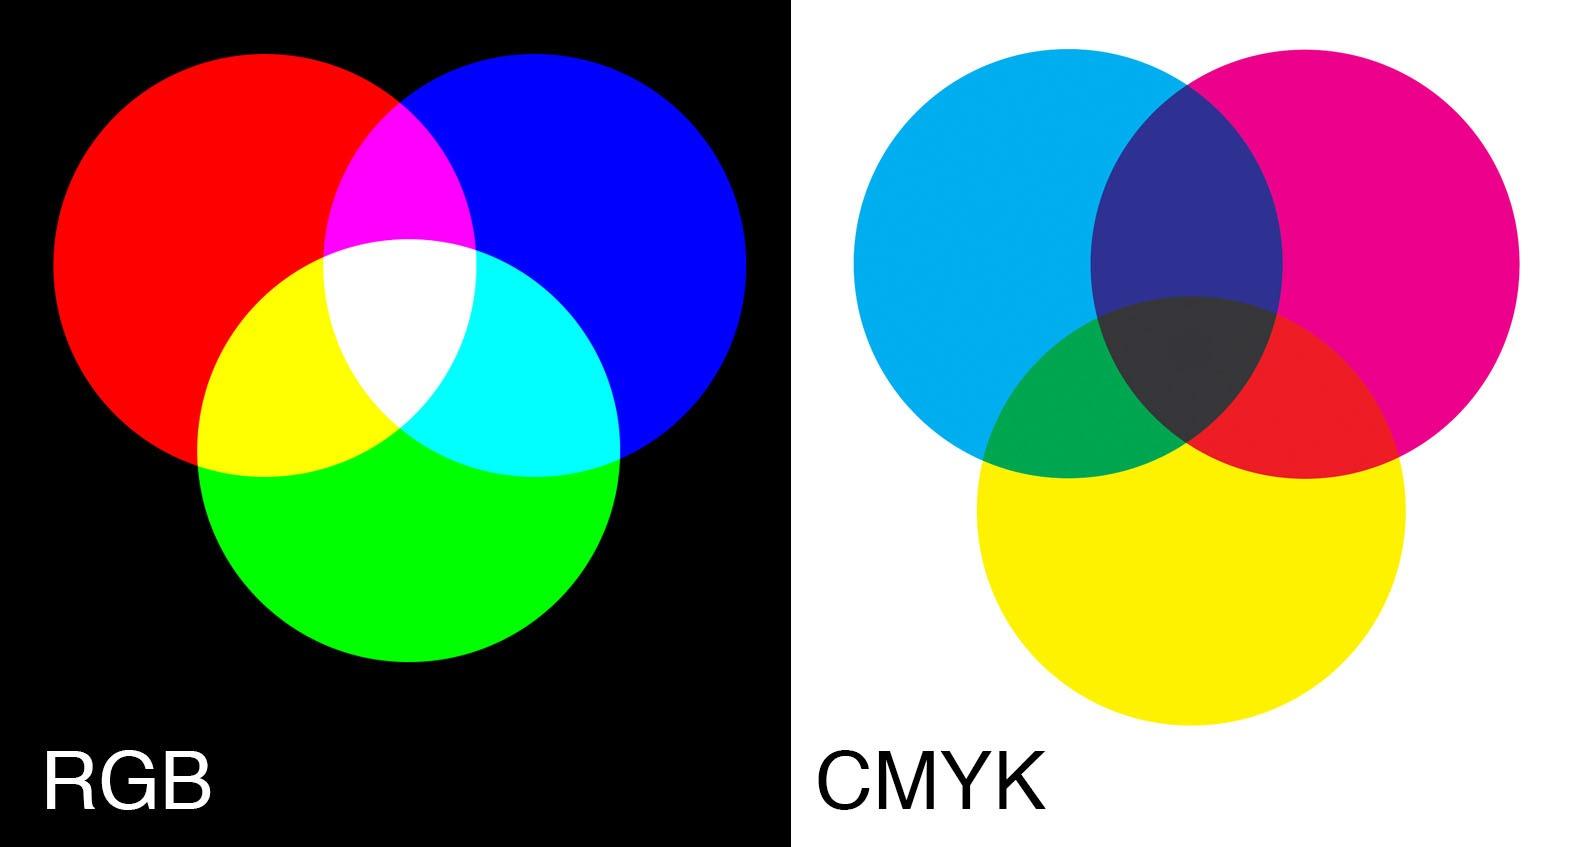 Perfiles de color ICC: ¿qué son y para qué sirven?